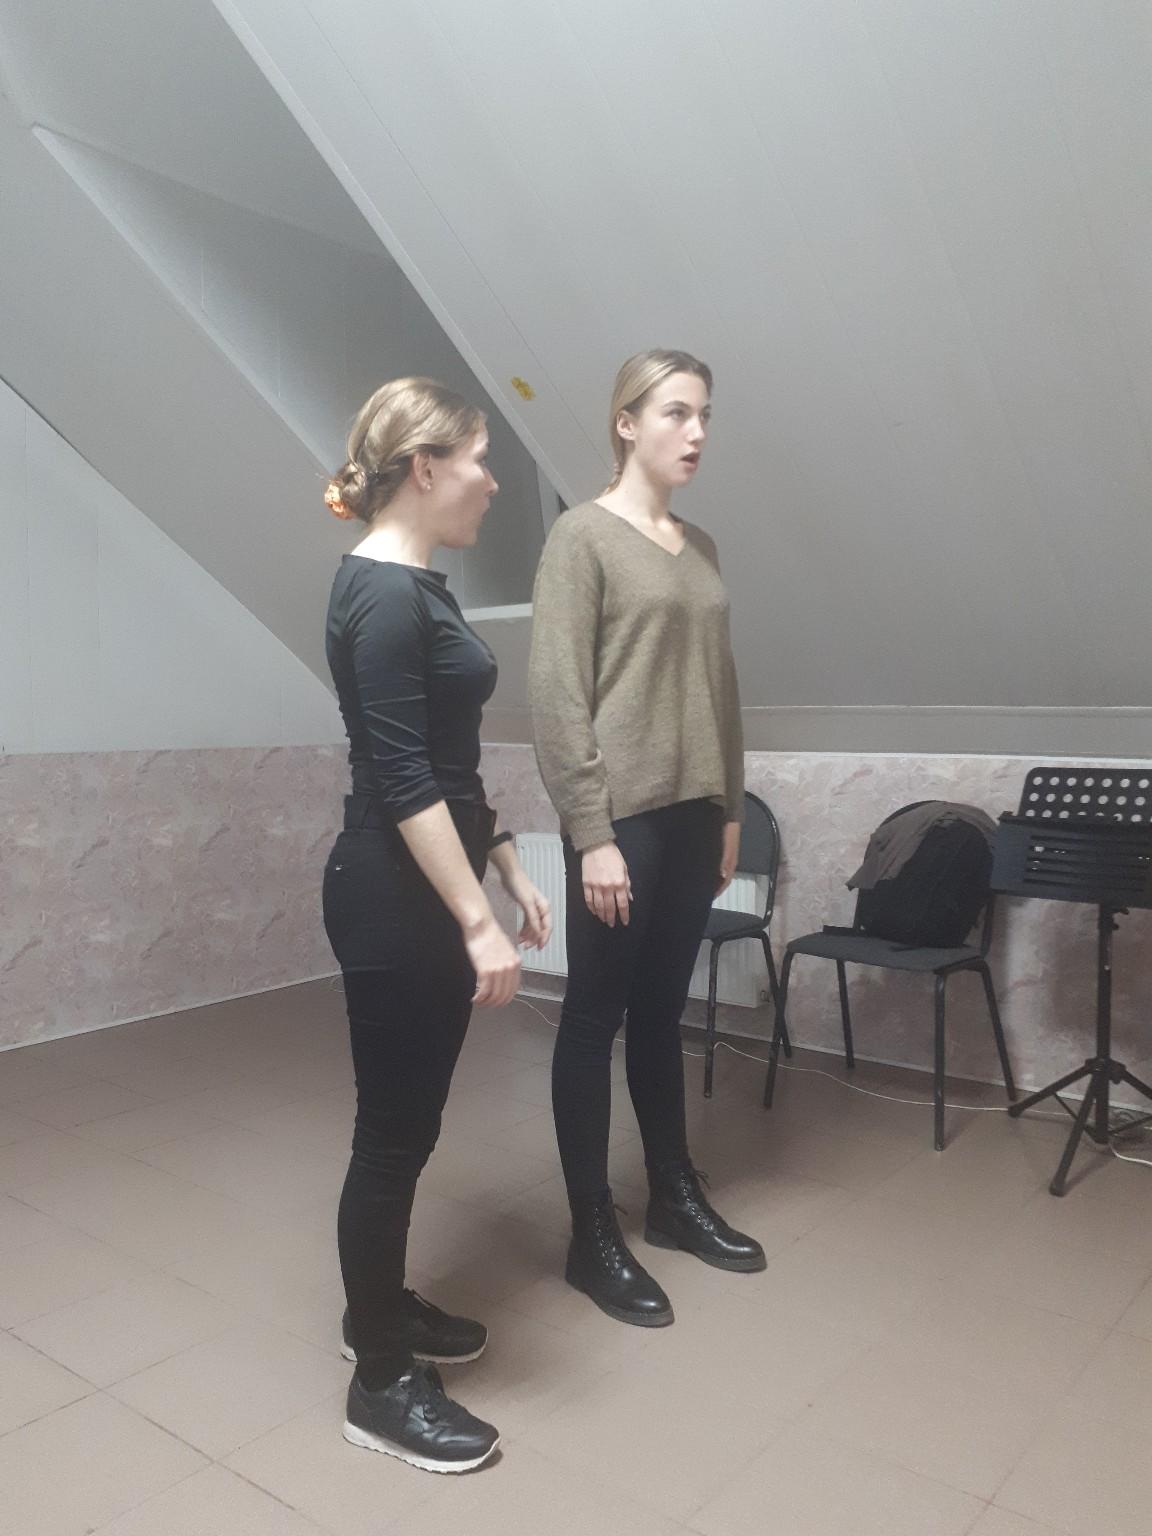 12 октября в 18:00 состоялся Мастер-класс на тему: «Влияние психологических факторов на развитие голоса»